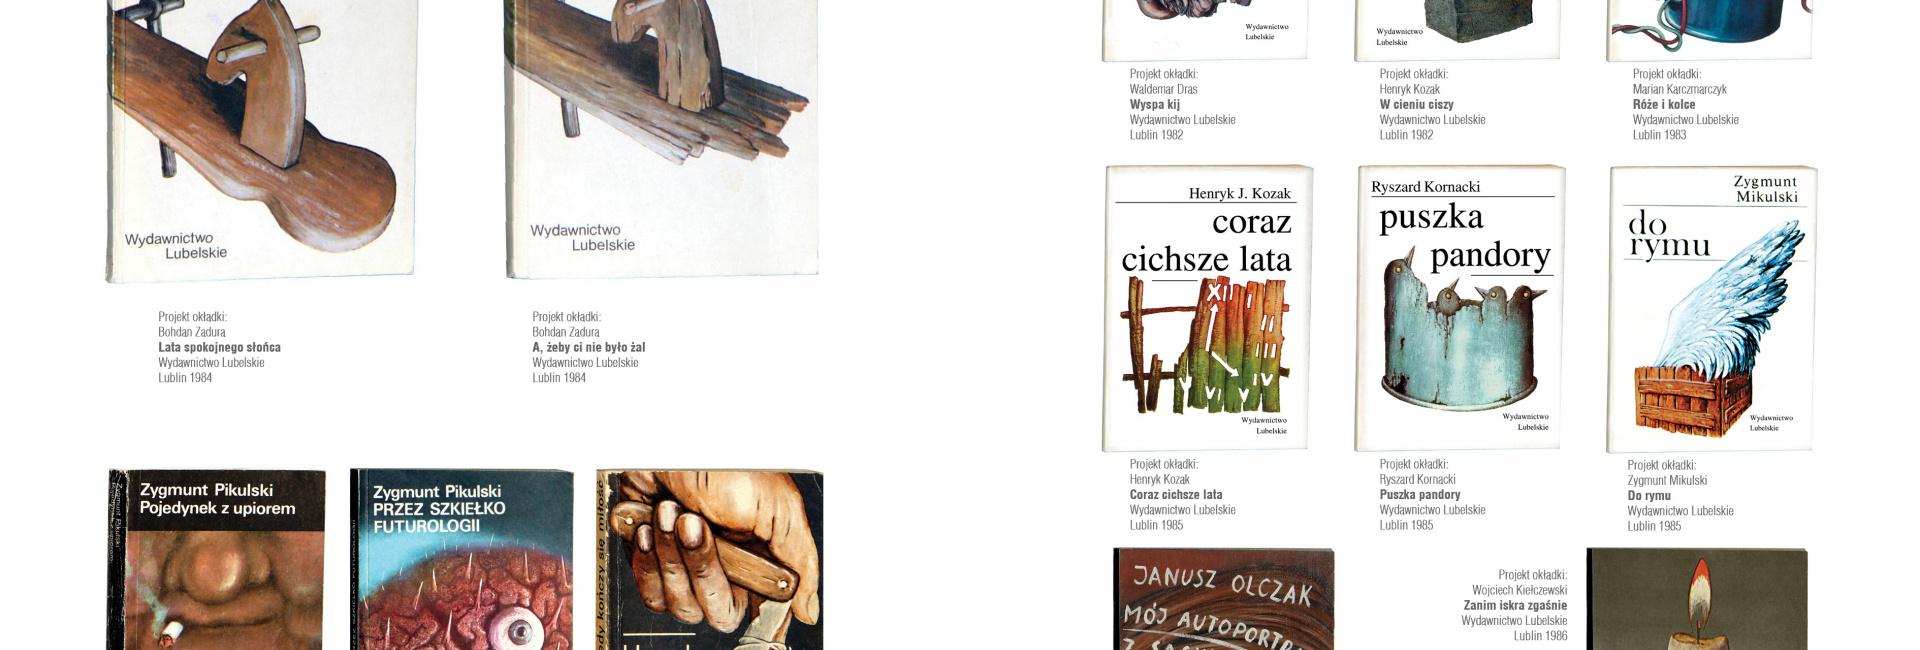 Wystawa plakatu i grafiki wydawniczej